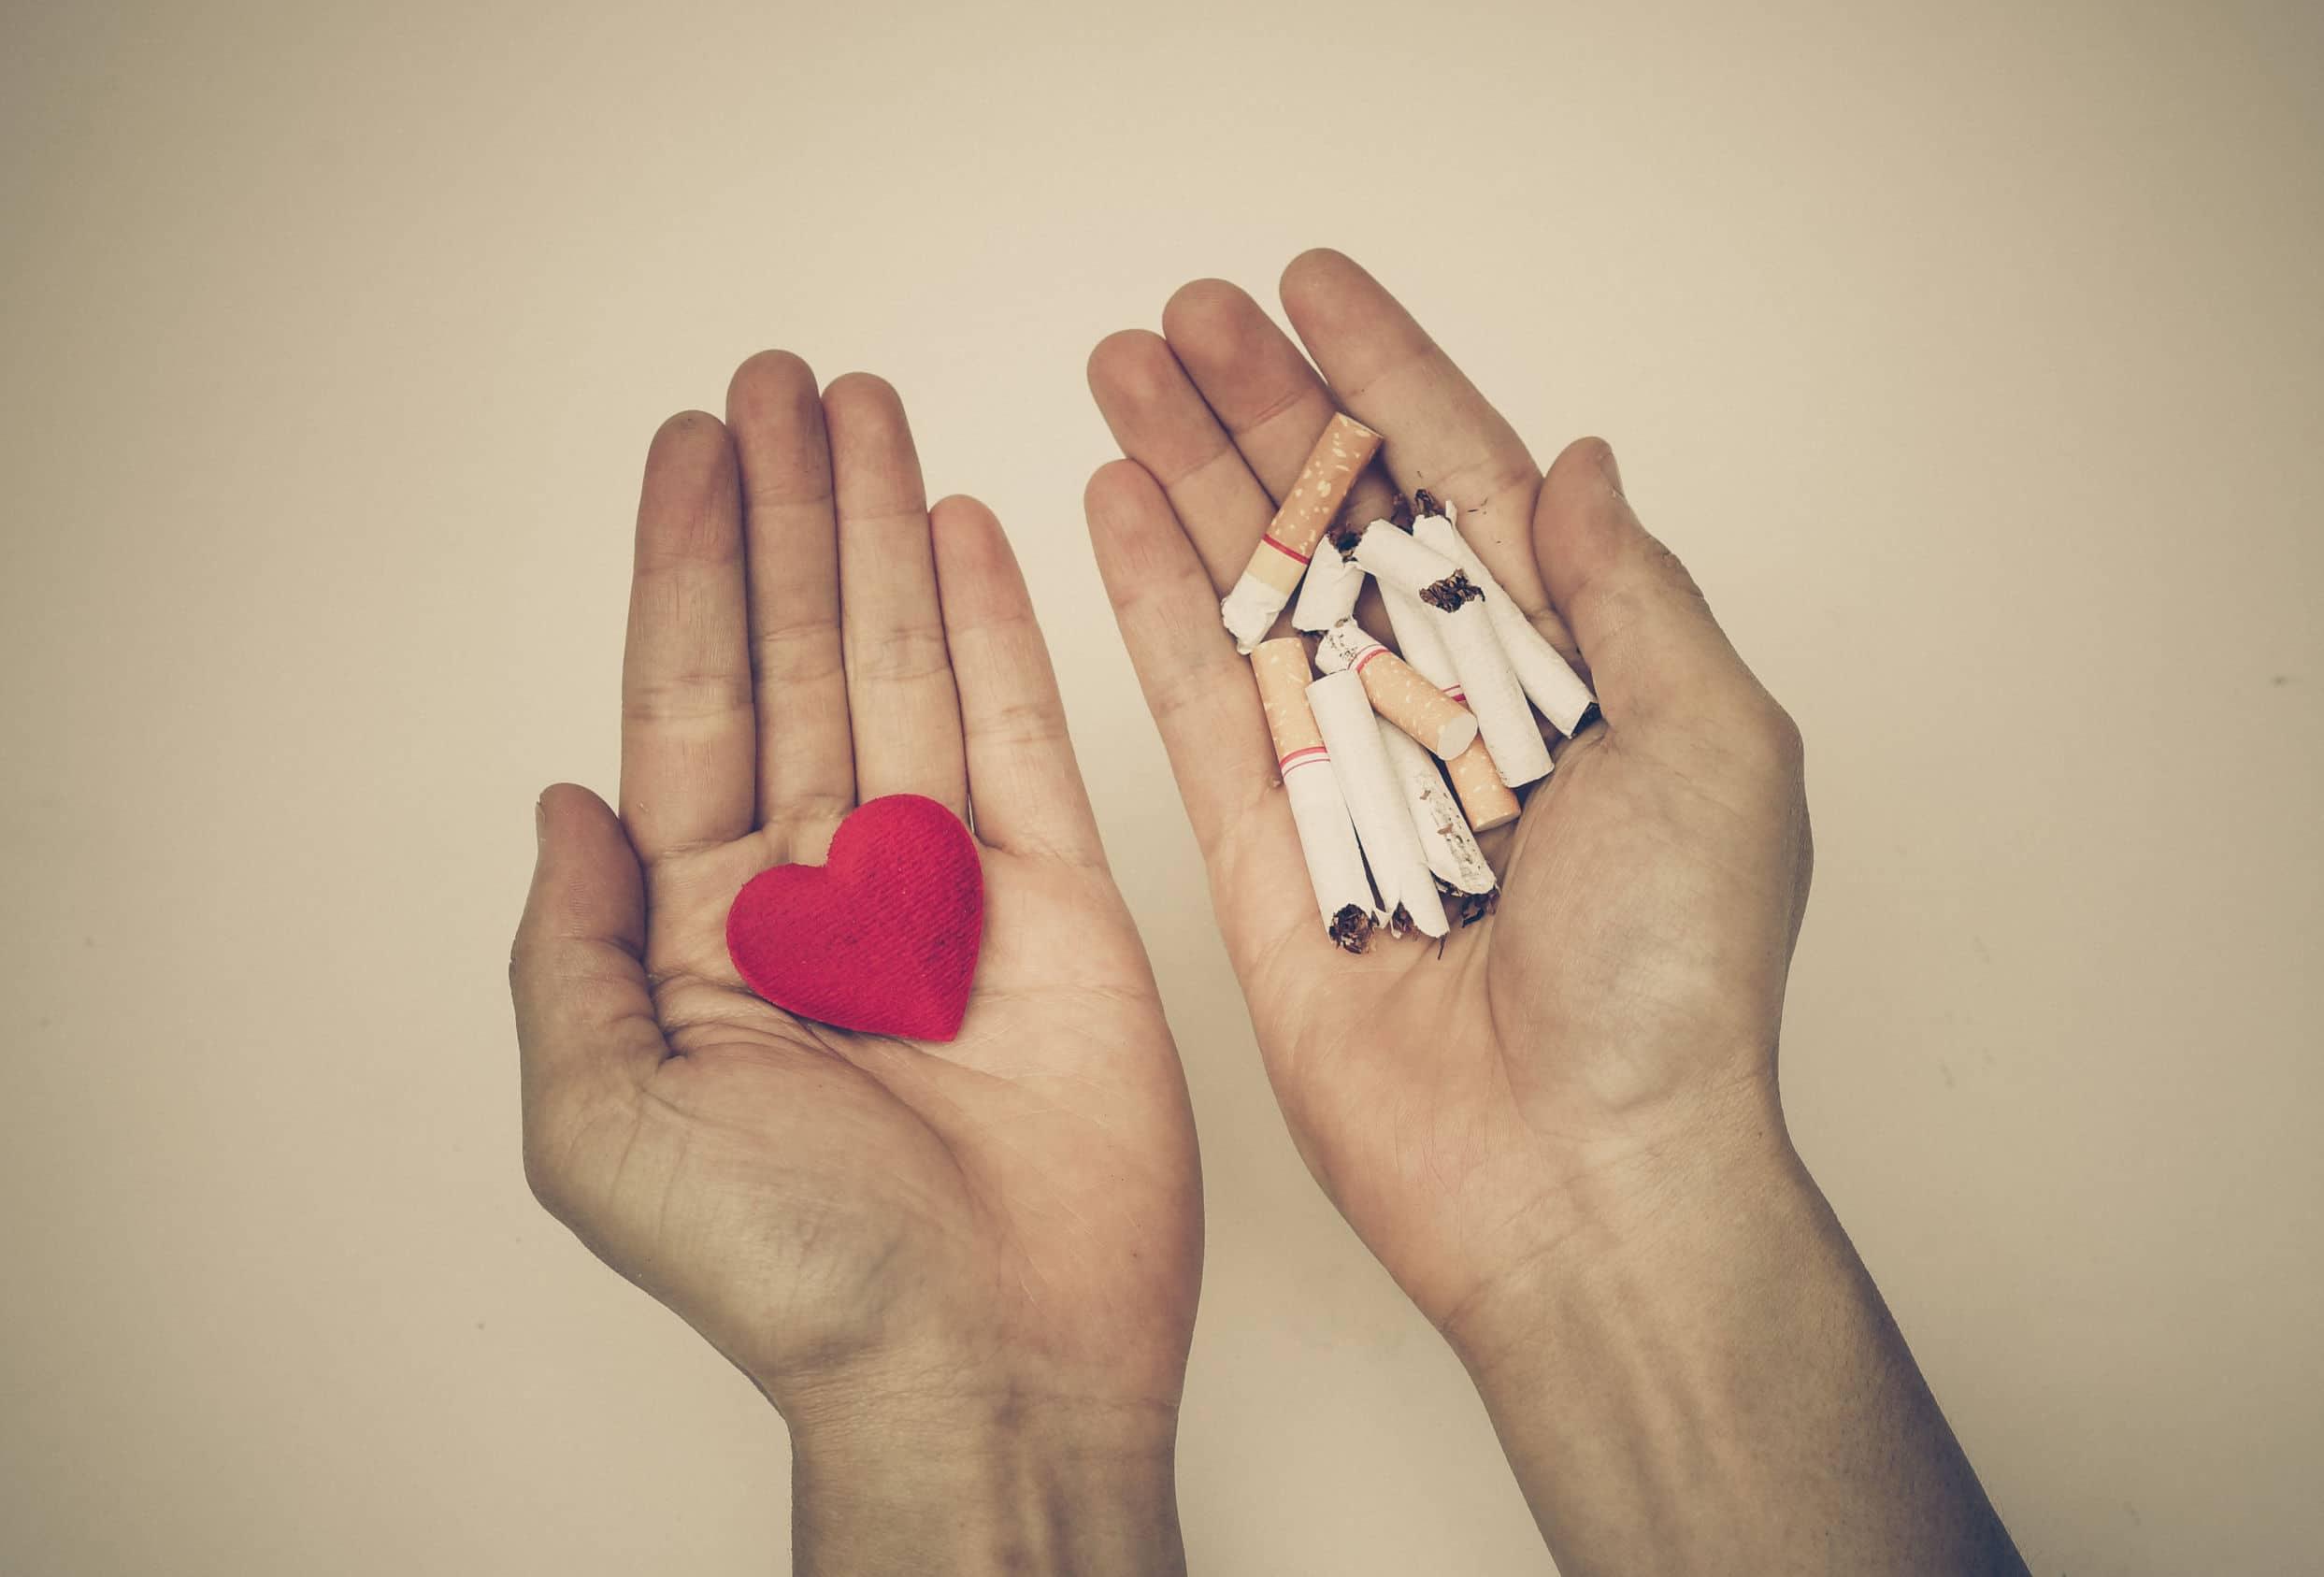 Duas mãos estendidas. De um lado tem um coração e do outro, maços de cigarros.